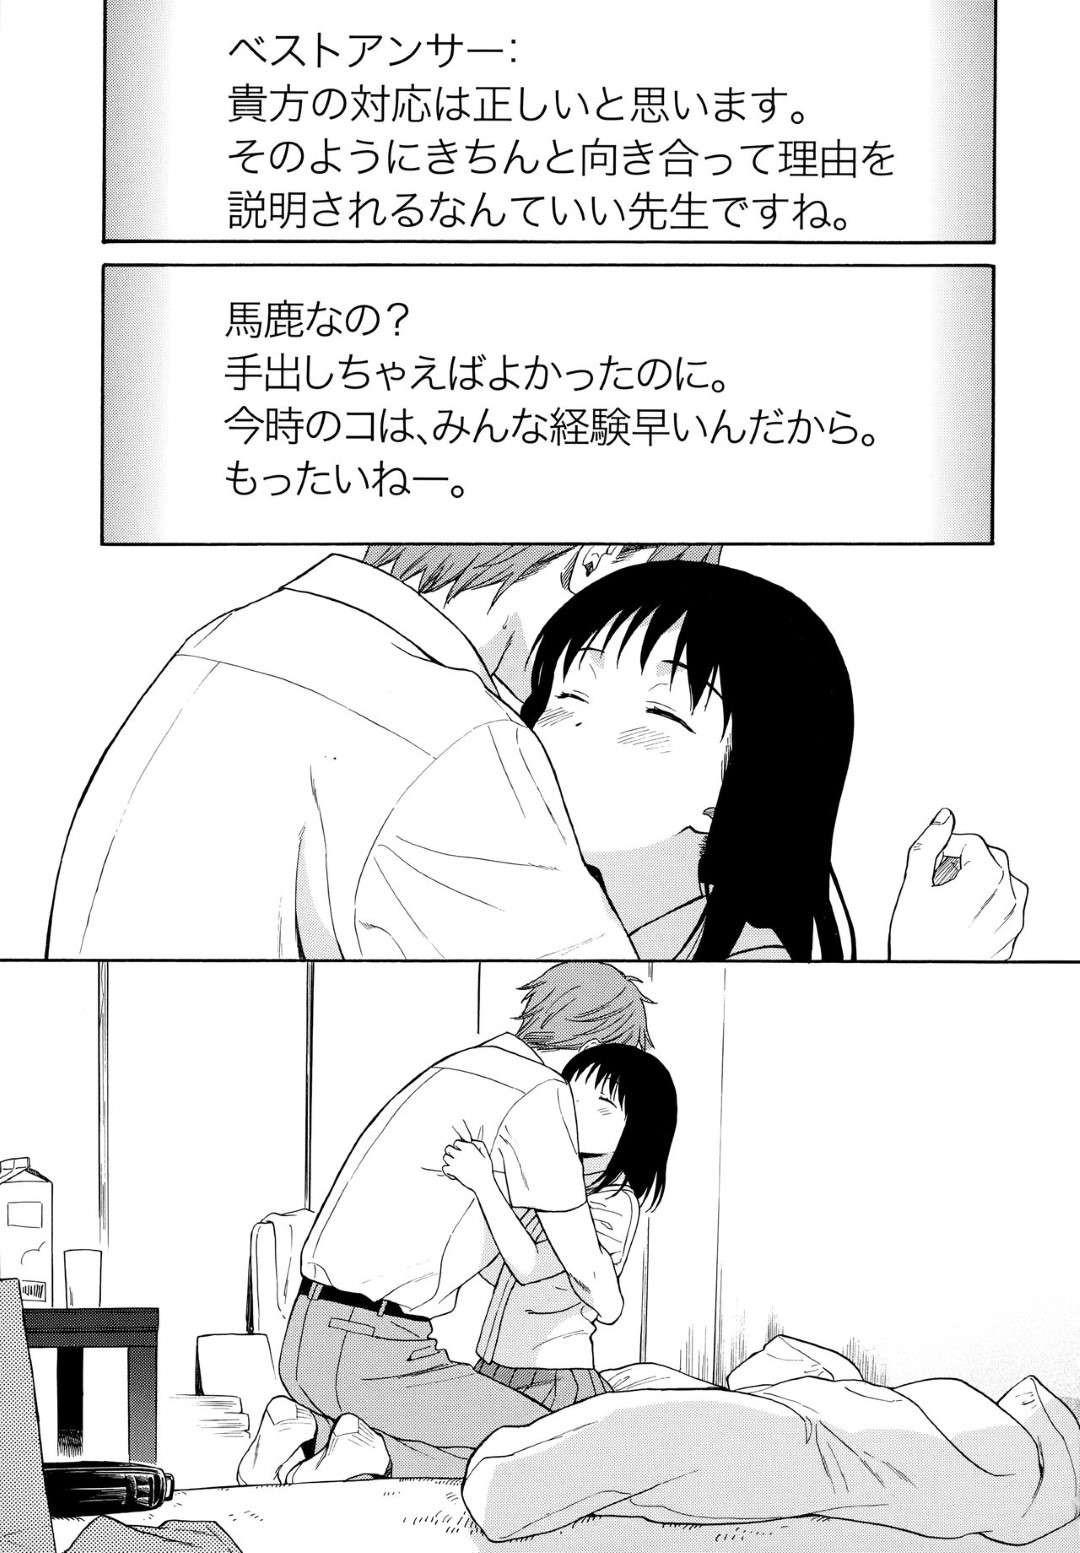 【エロ漫画】久しぶりに会った先生に手を出しちゃうかわいいJC…キスしちゃってトロ顔に乳首舐めもされちゃってイチャラブと中出しセックスしちゃう!【関谷あさみ:先生 せんせい 最終話】